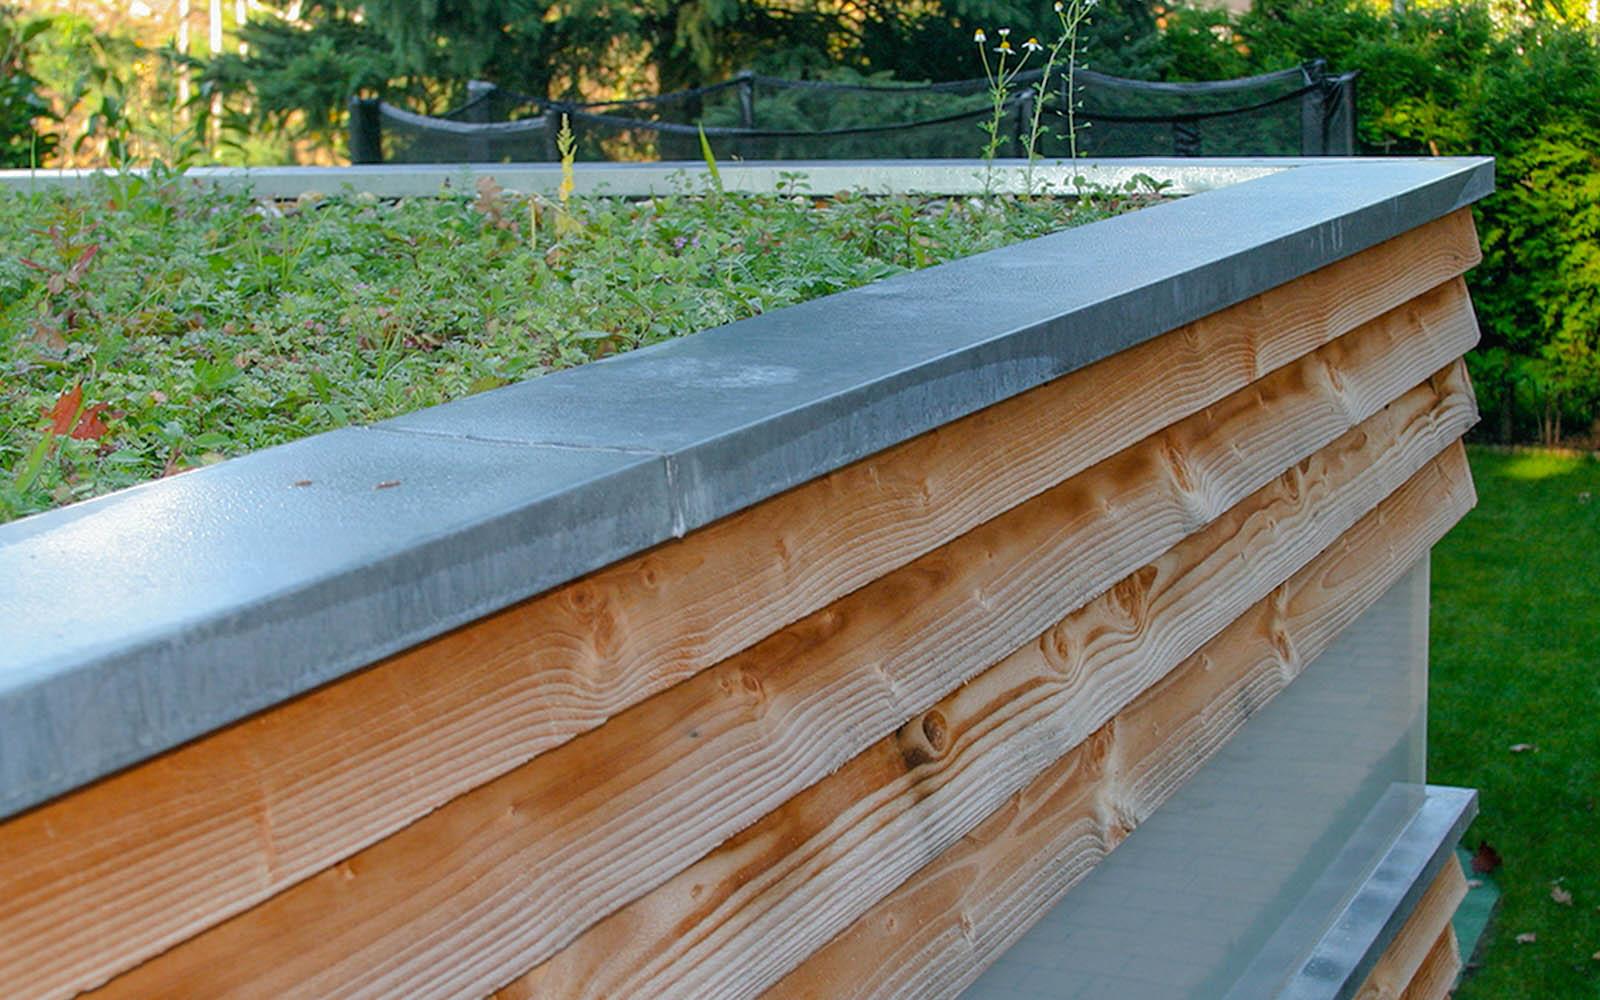 hpl platten obi holzplatten zuschnitt cheap sperrholz zuschnitt pappel mm mdf schwarz durchgef. Black Bedroom Furniture Sets. Home Design Ideas